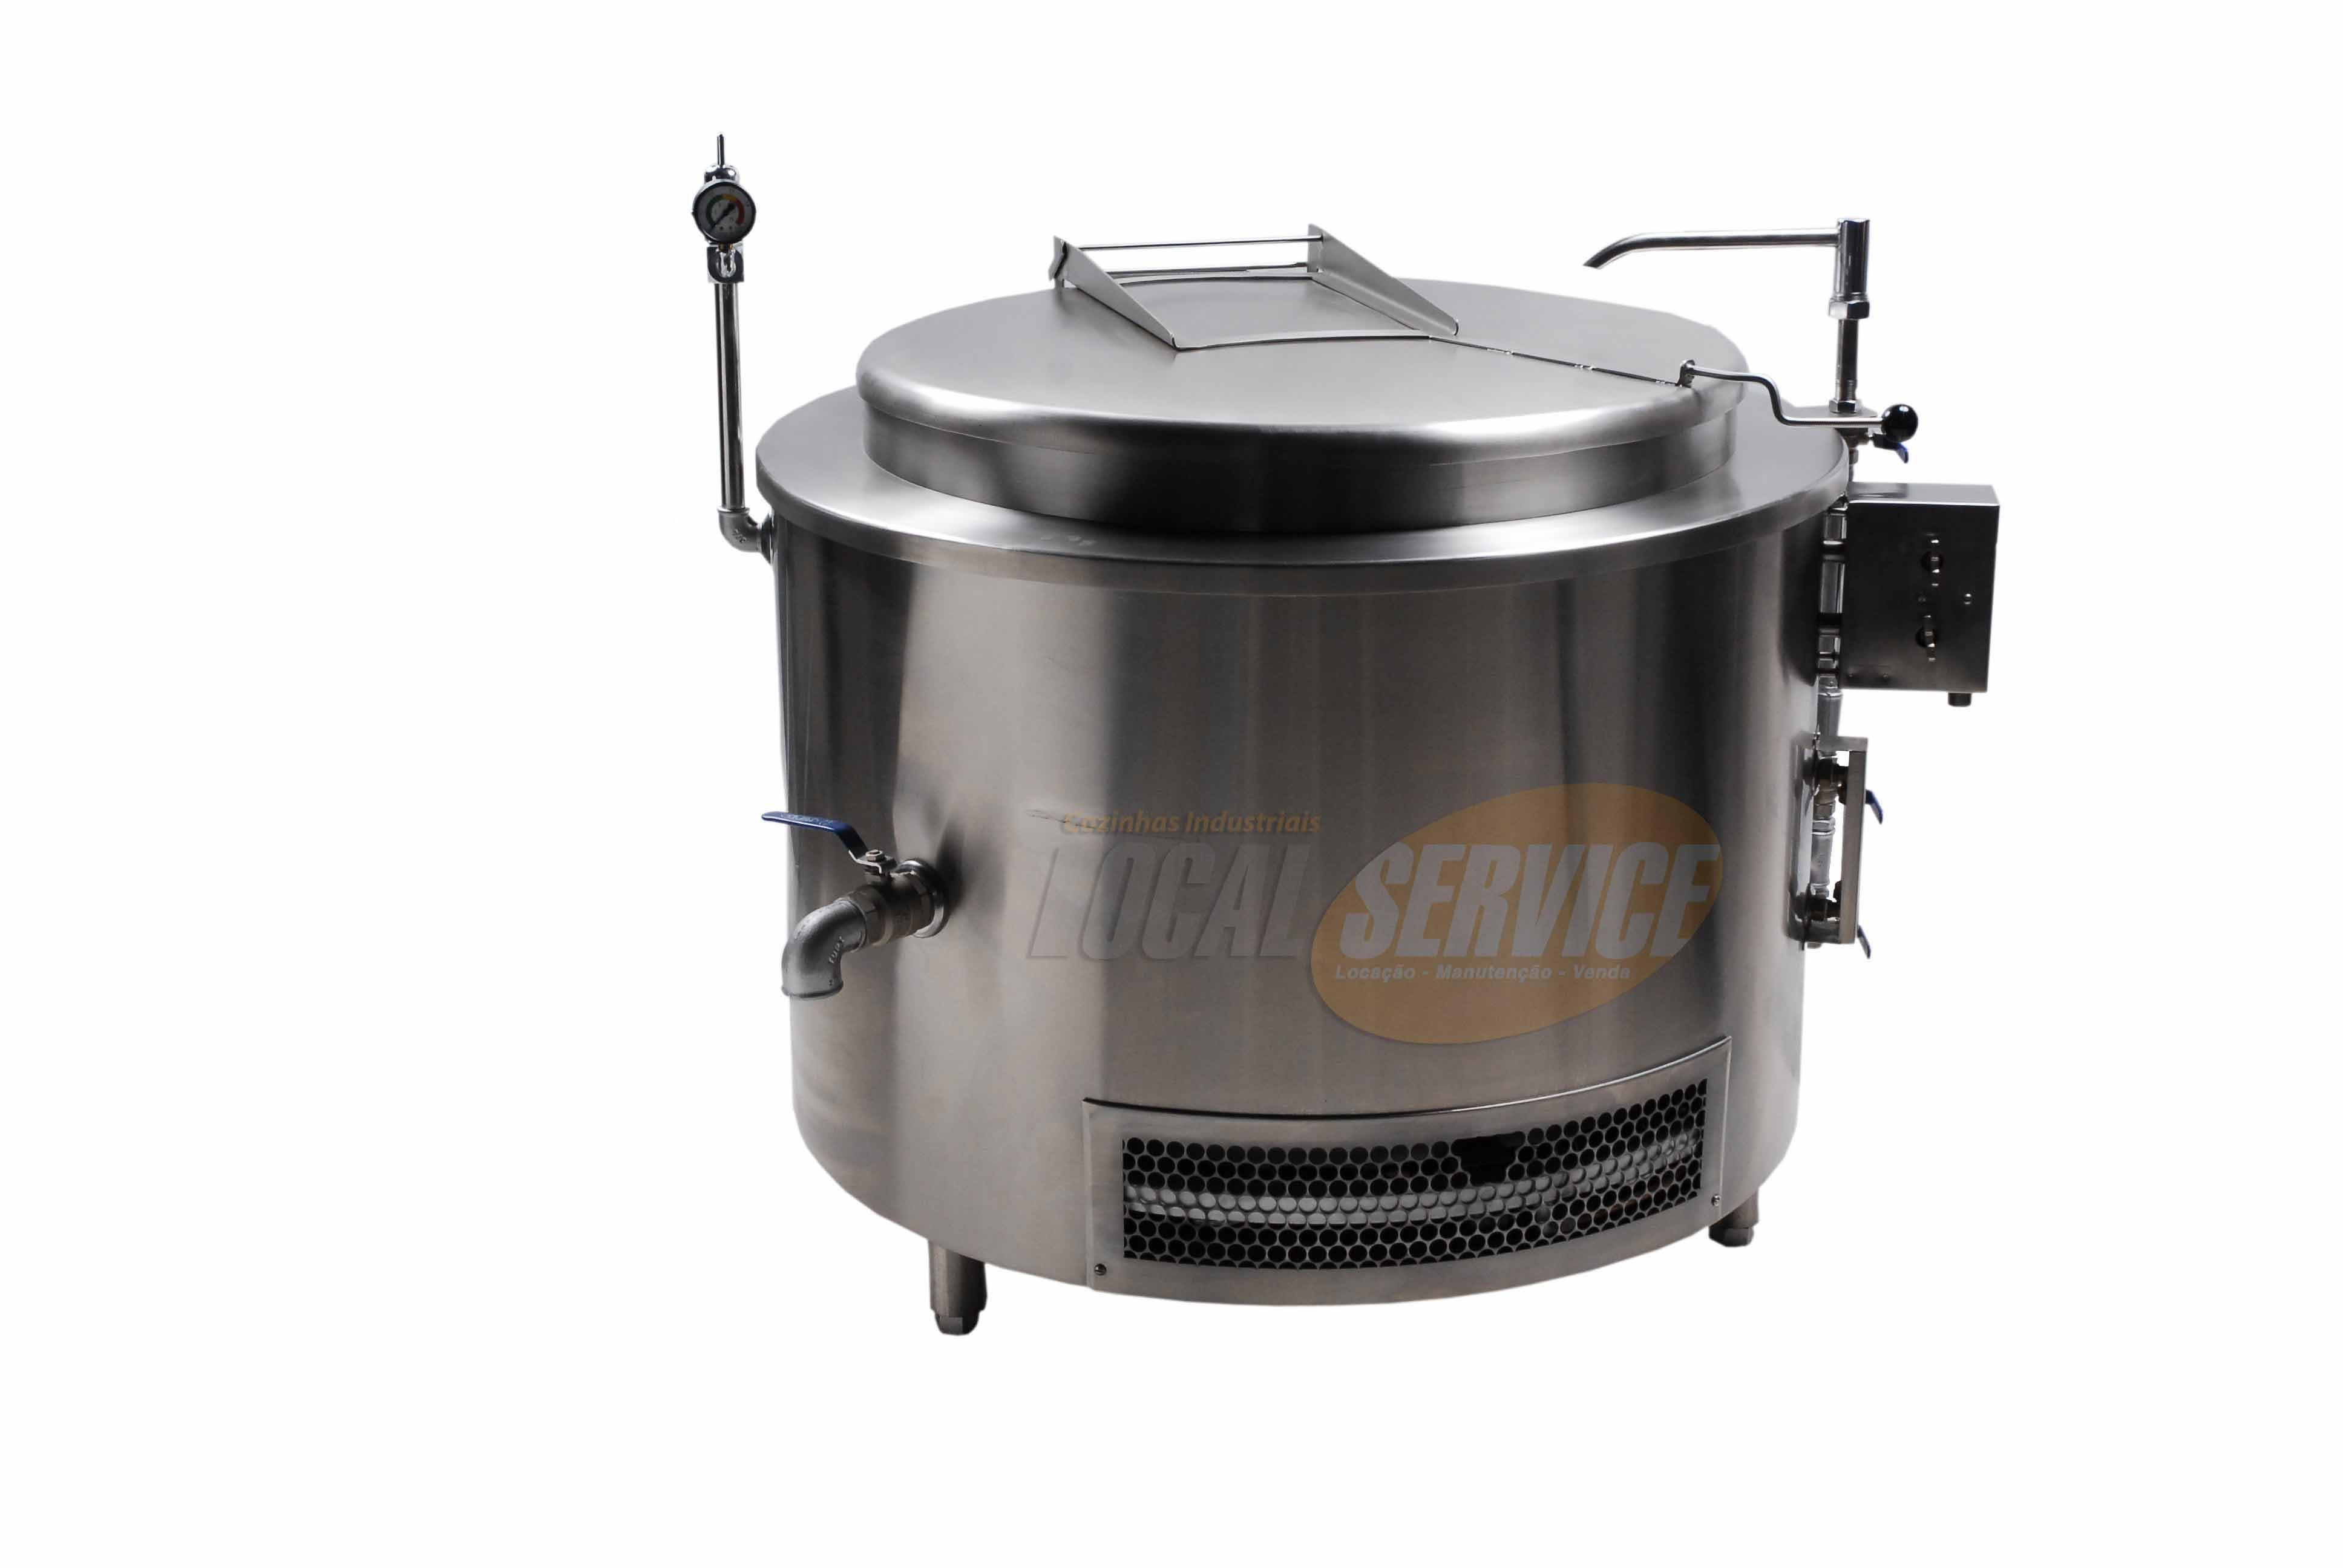 Caldeira Industrial Para Cozinha Local Service